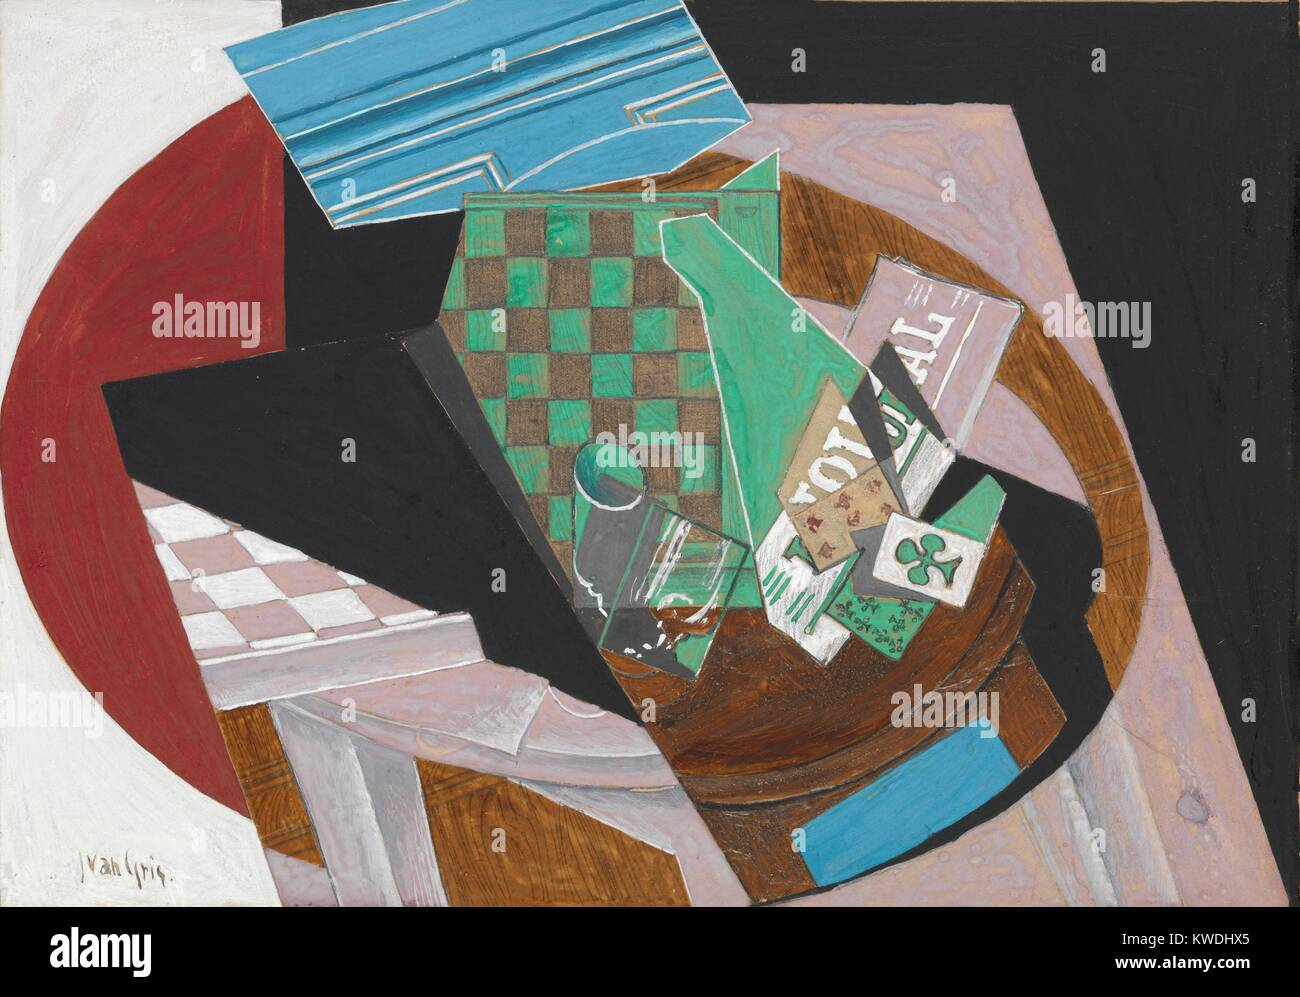 Tablero de ajedrez y jugar a las cartas, de Juan Gris, 1915, Español cubista, dibujo, gouache, grafito y resina Imagen De Stock